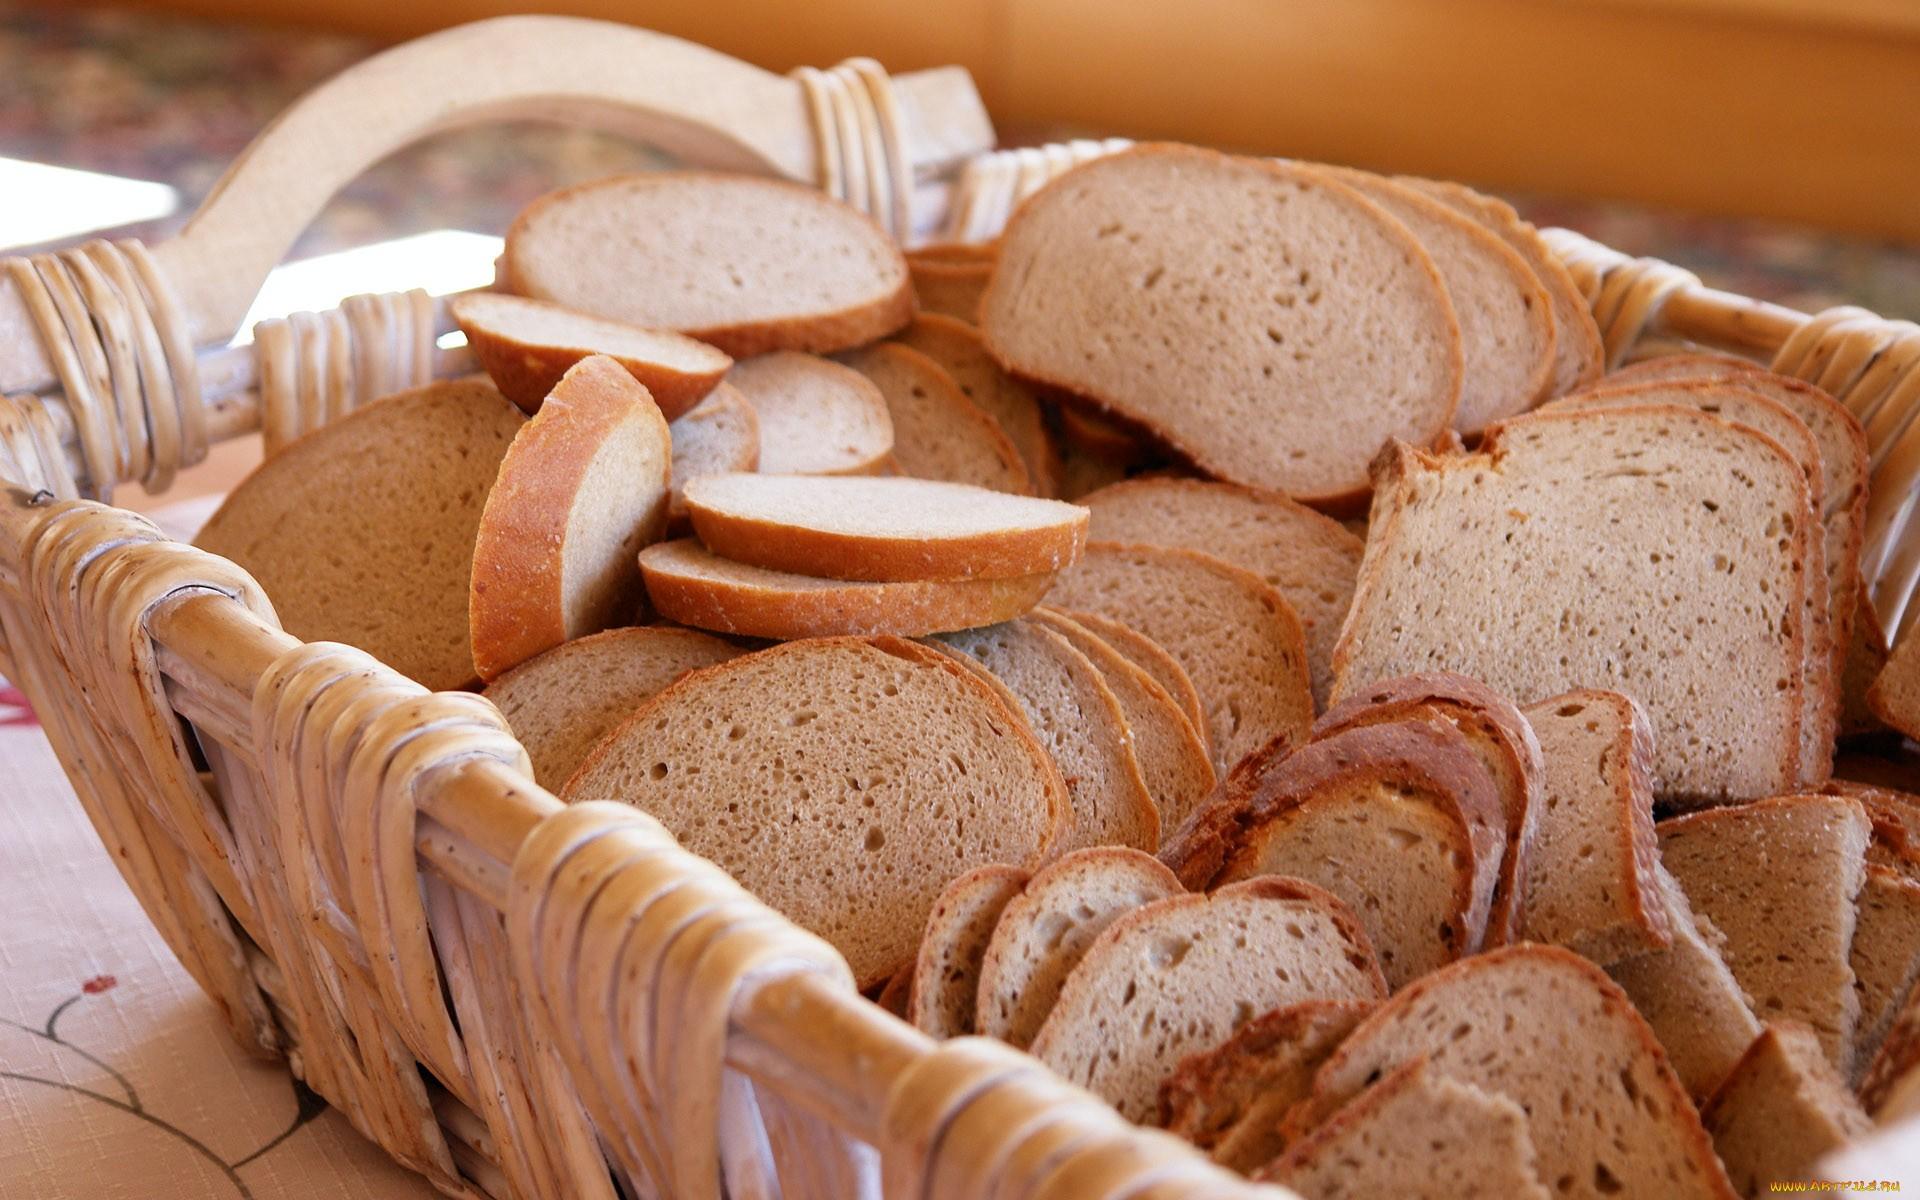 Bakery Wallpaper Hd Bread Hd Wallpaper Background Image 1920x1200 Id